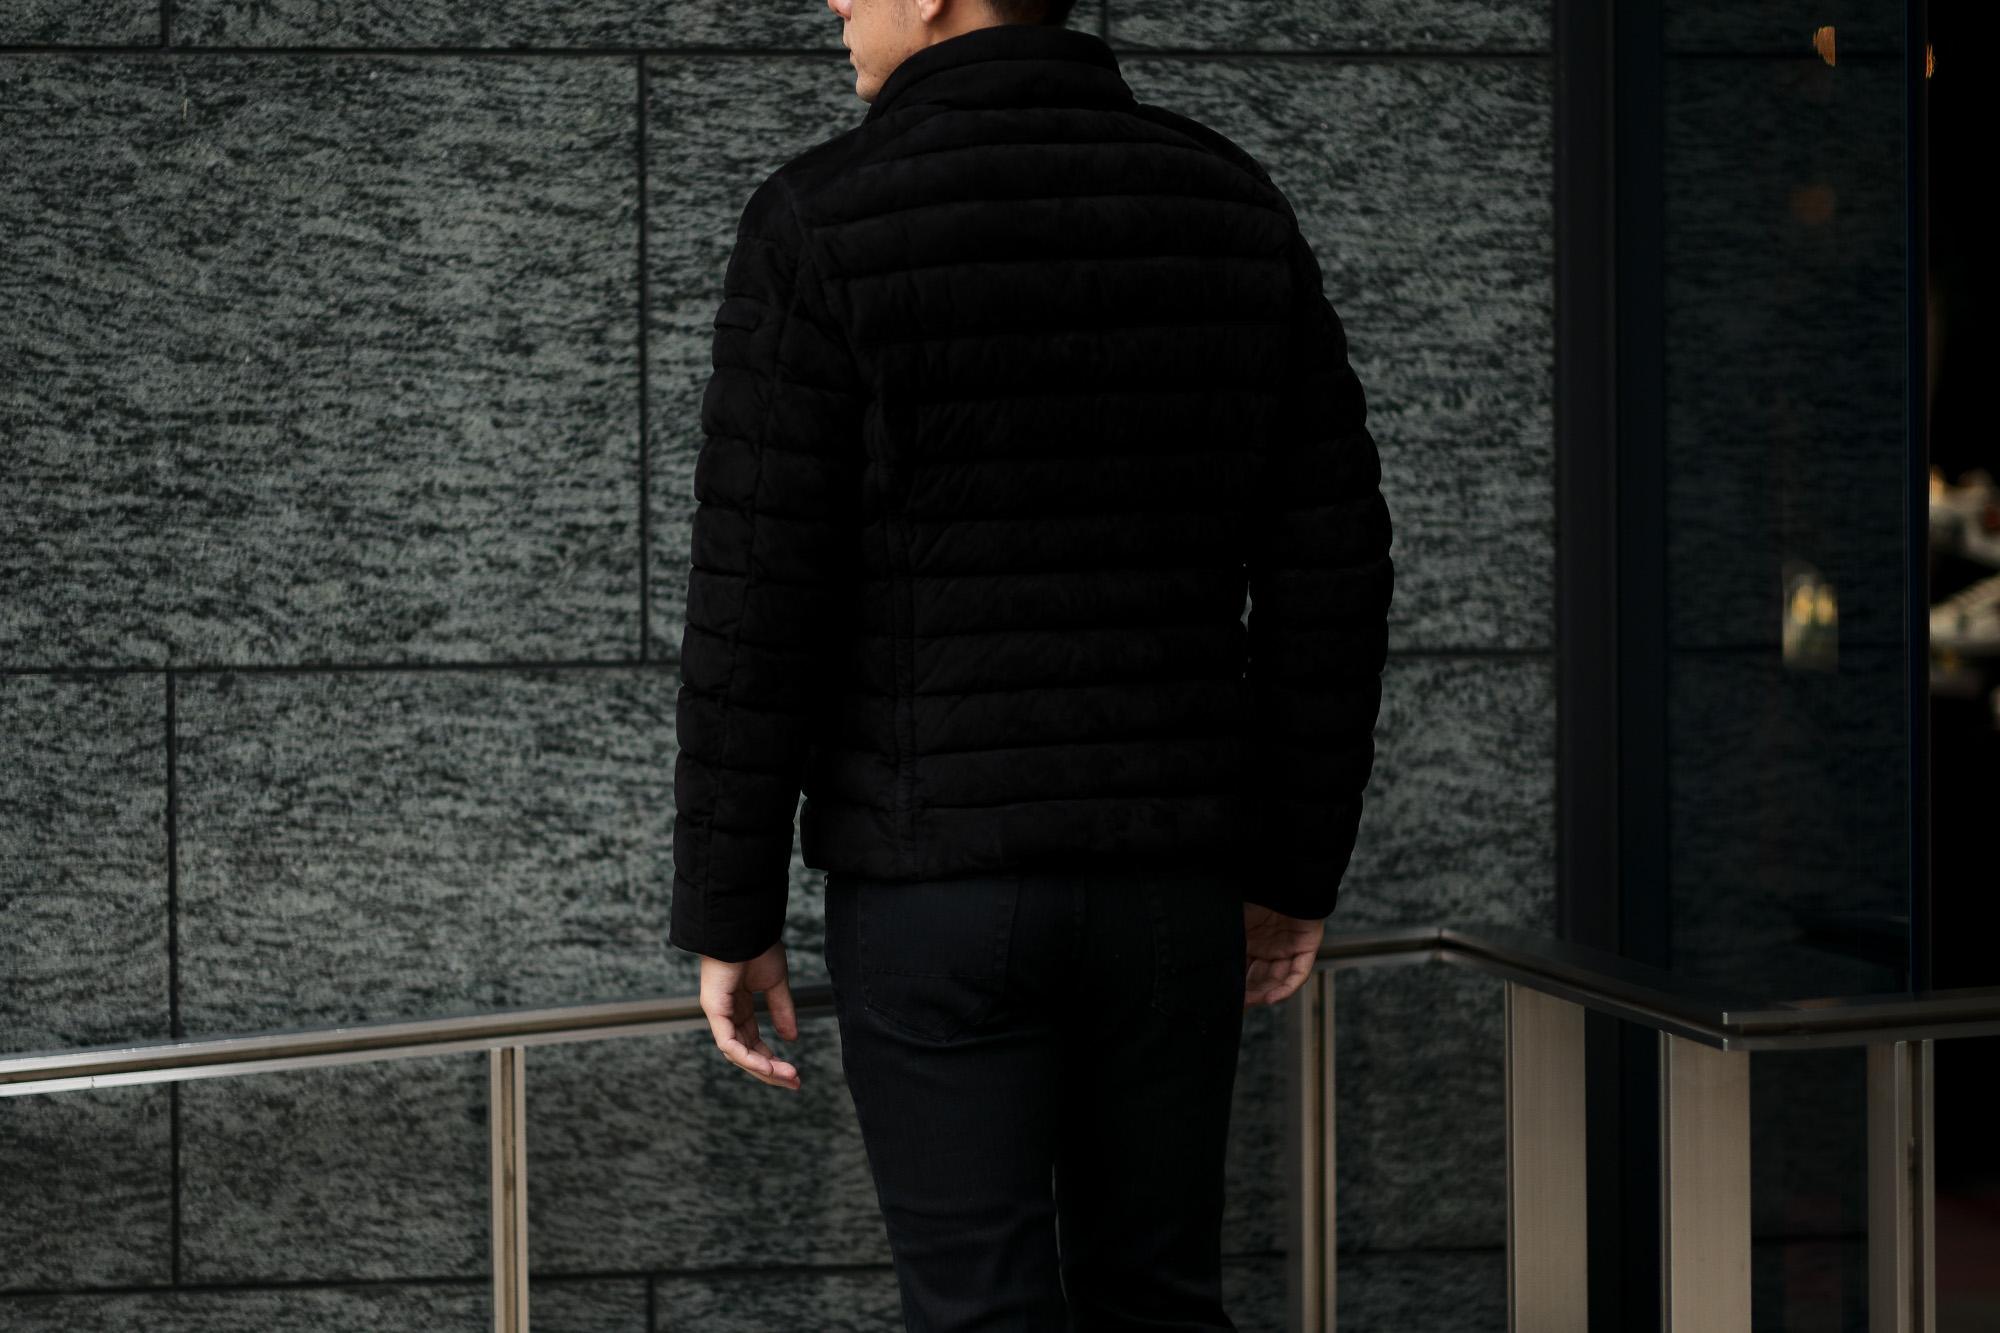 MOORER (ムーレー) RAY-UR (レイ) スエードレザー ダウン ジャケット NERO(ブラック)  Made in italy (イタリア製) 2019 秋冬新作 愛知 名古屋 altoediritto アルトエデリット ダウンジャケット